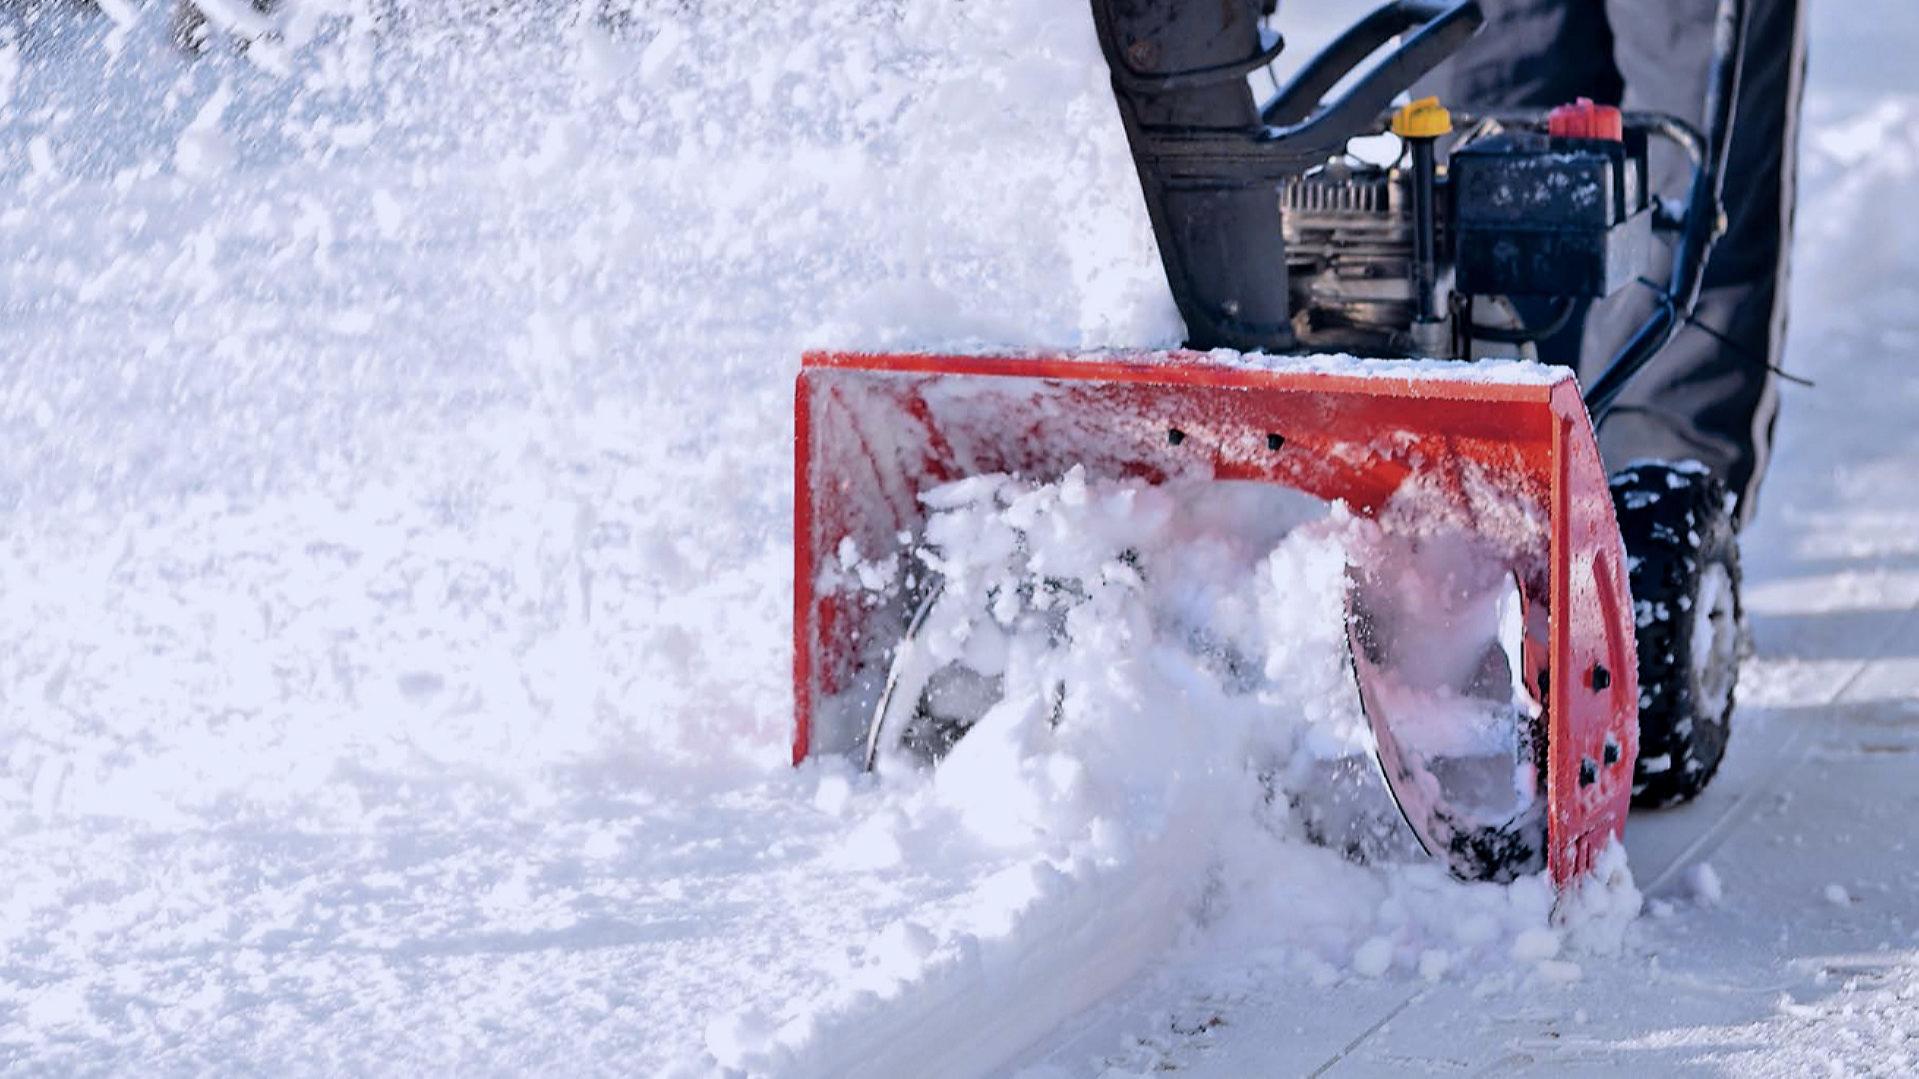 Снегоуборочная техника Champion: причины, по которым стоит приобретать именно ее